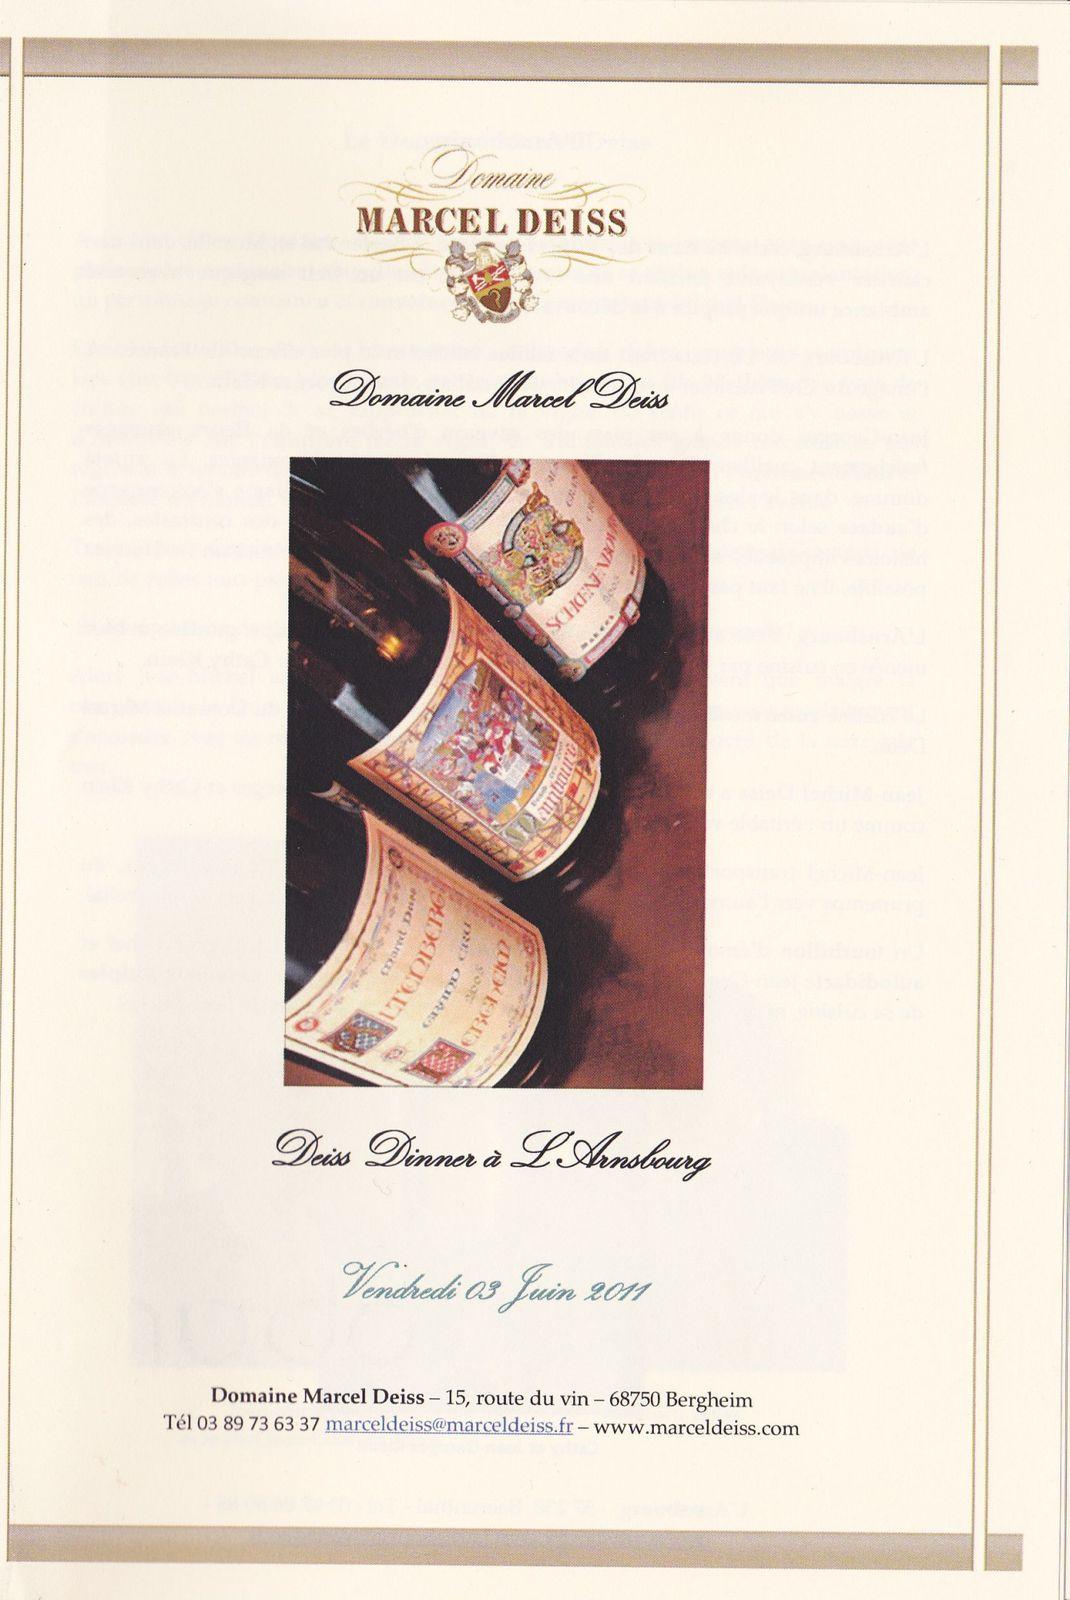 deiss-dinner-a-l-arnsbourg-03-Juin-2011.jpg